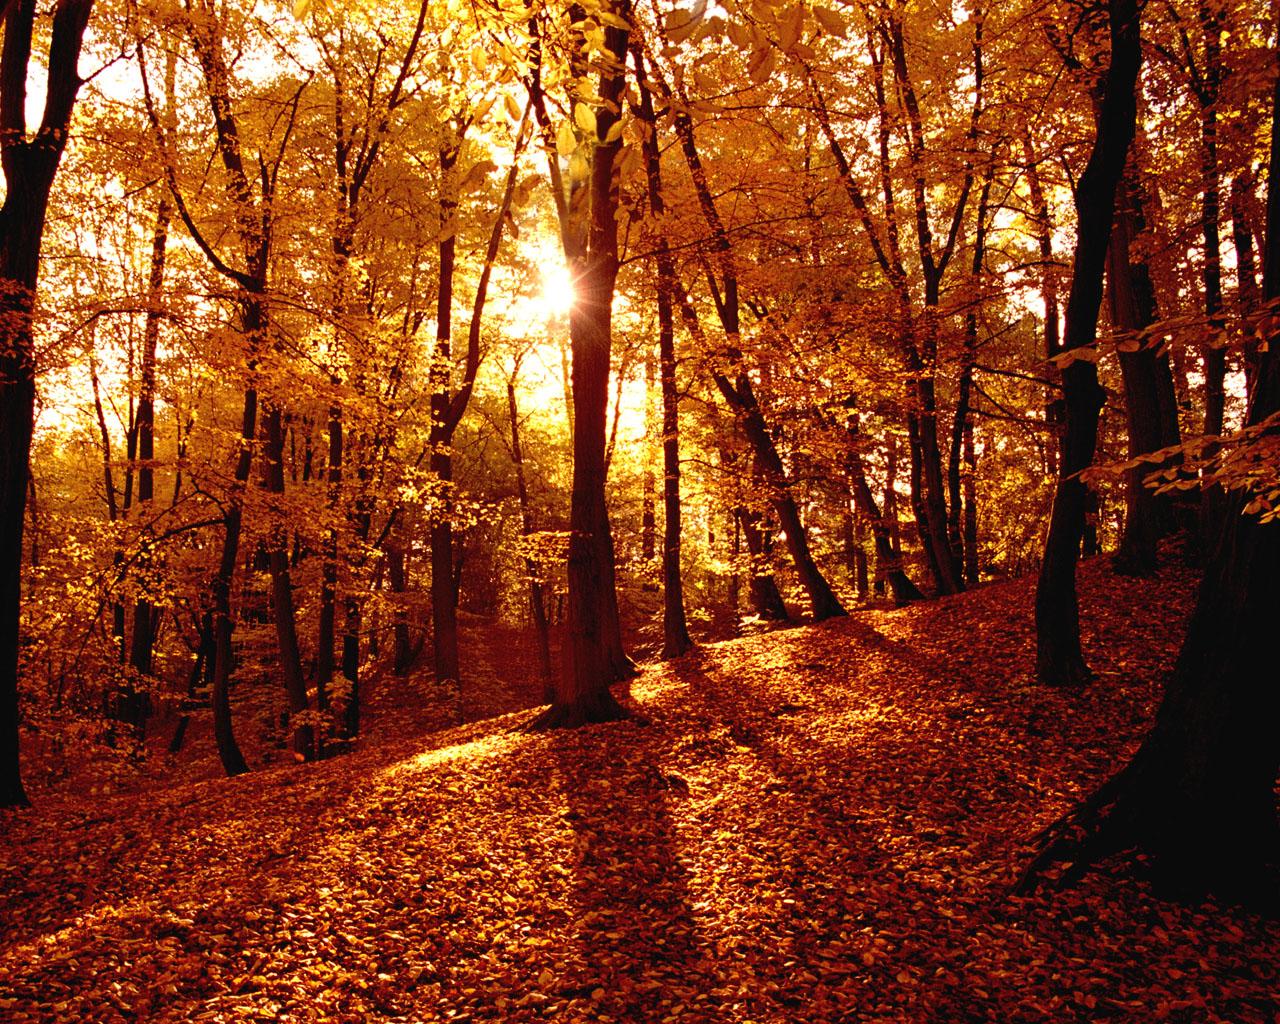 осенний лес, скачать фото, листопад, рыжая листва, autumn leaves wallpaper